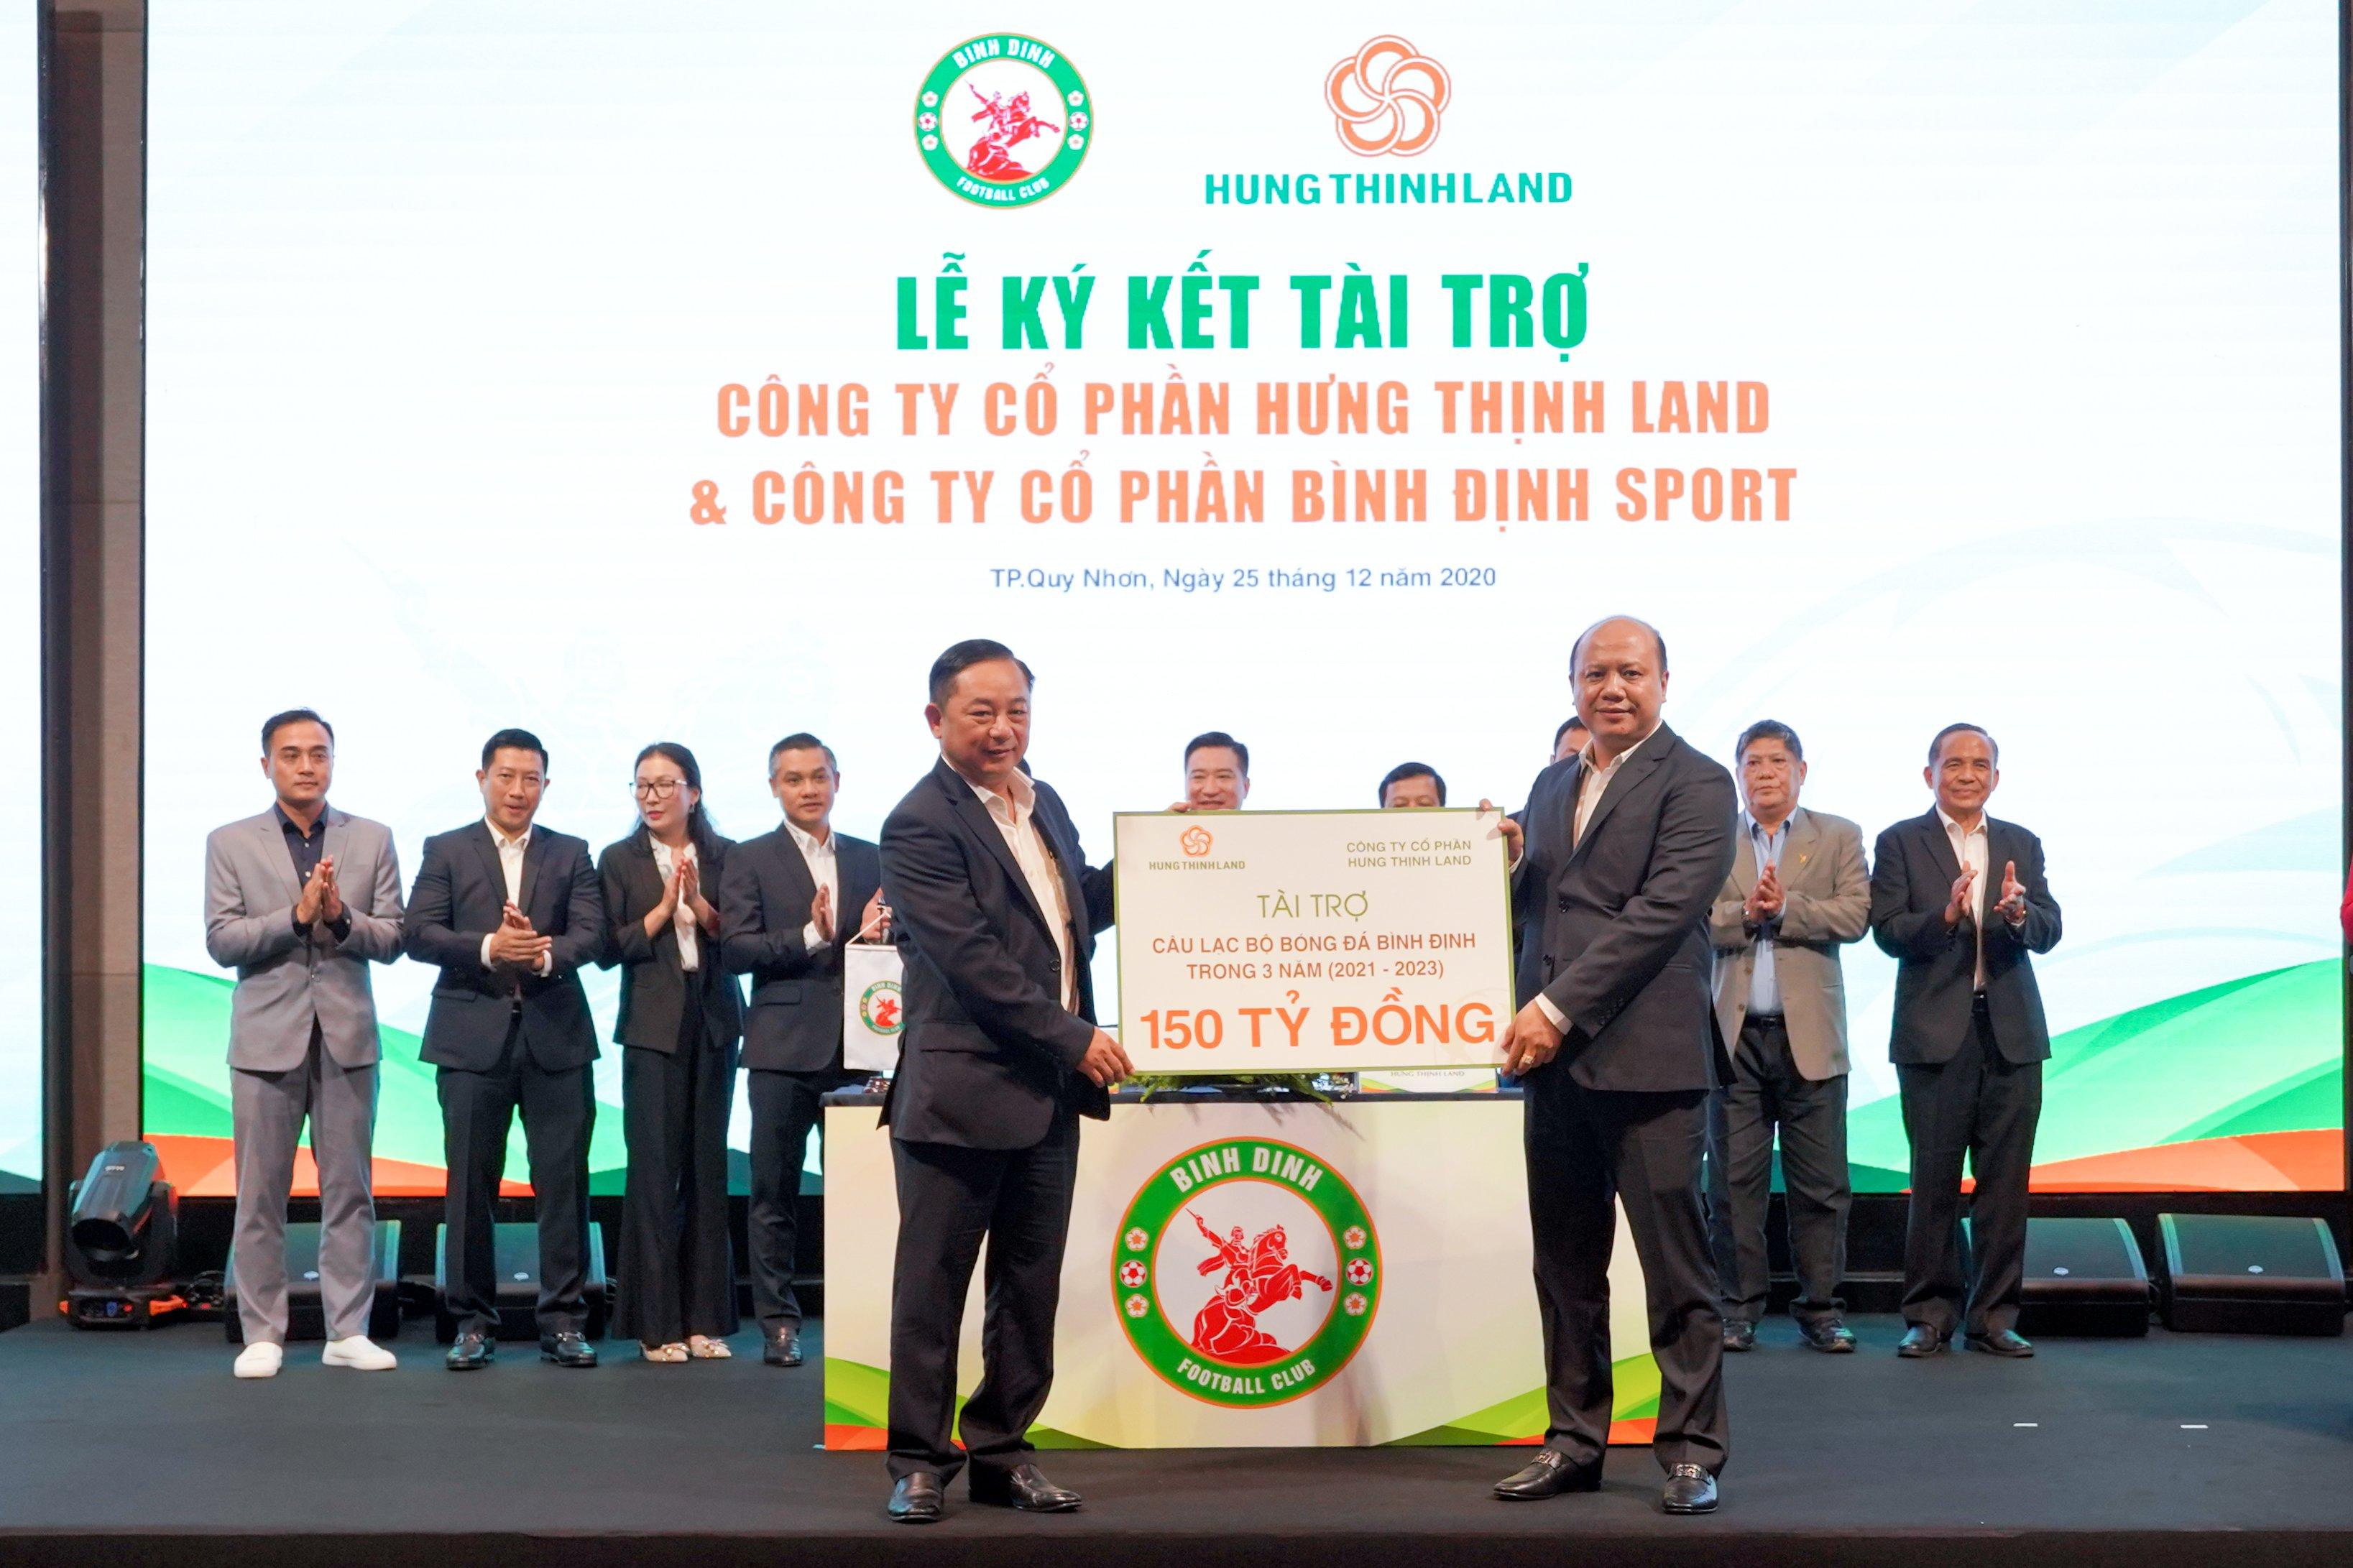 Topenland và Hưng Thịnh Land tài trợ 300 tỷ cho CLB bóng đá Topenland Bình Định trong 3 mùa giải V.League 2021 - 2023 - Bóng Đá